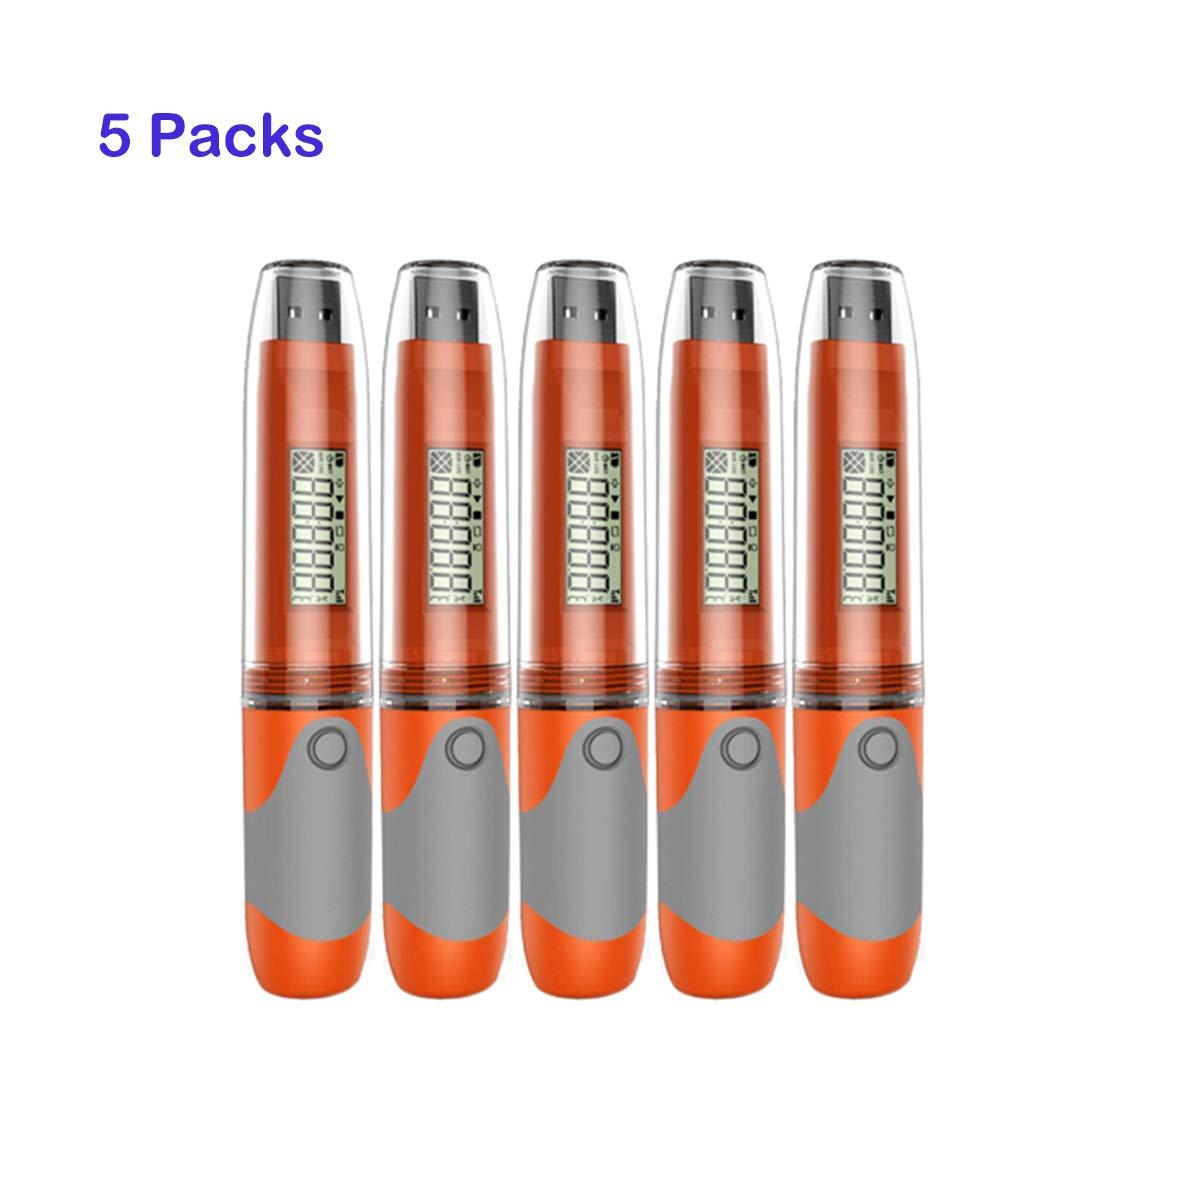 Registrador de datos USB Elitech RC-51 (5 packs)